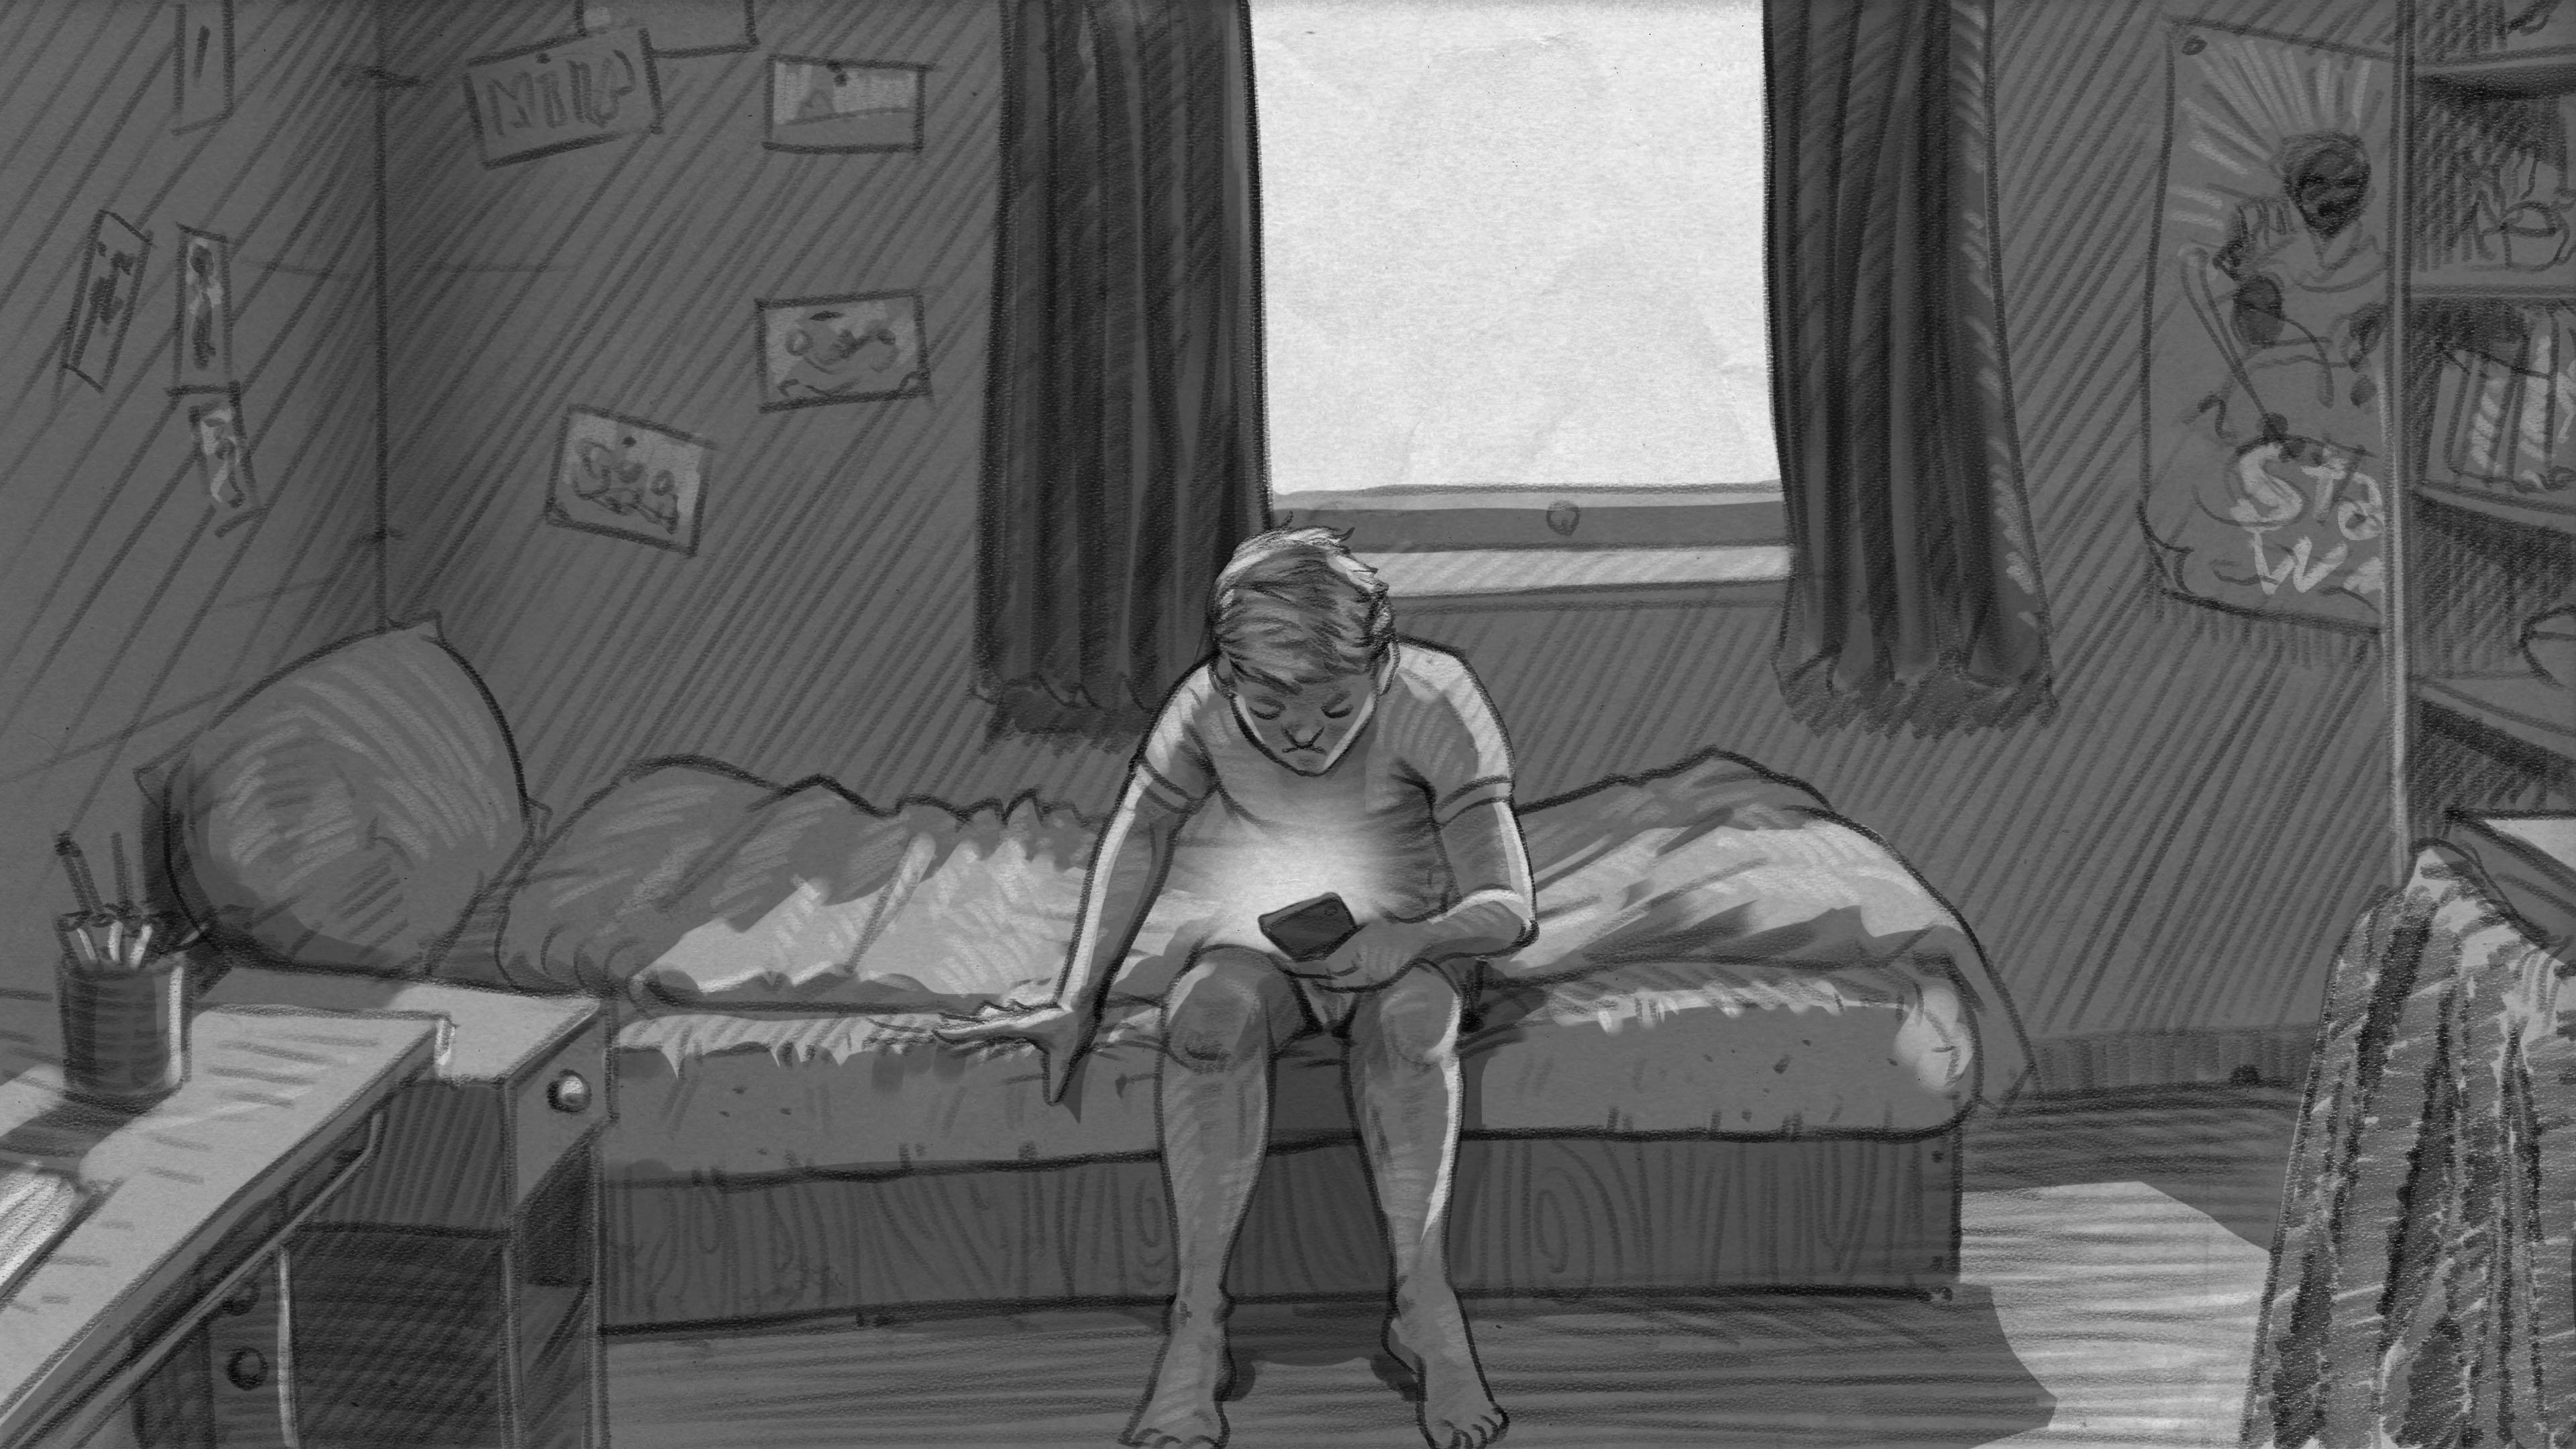 Illustration: Junge sitzt auf Bett und schaut auf Handy